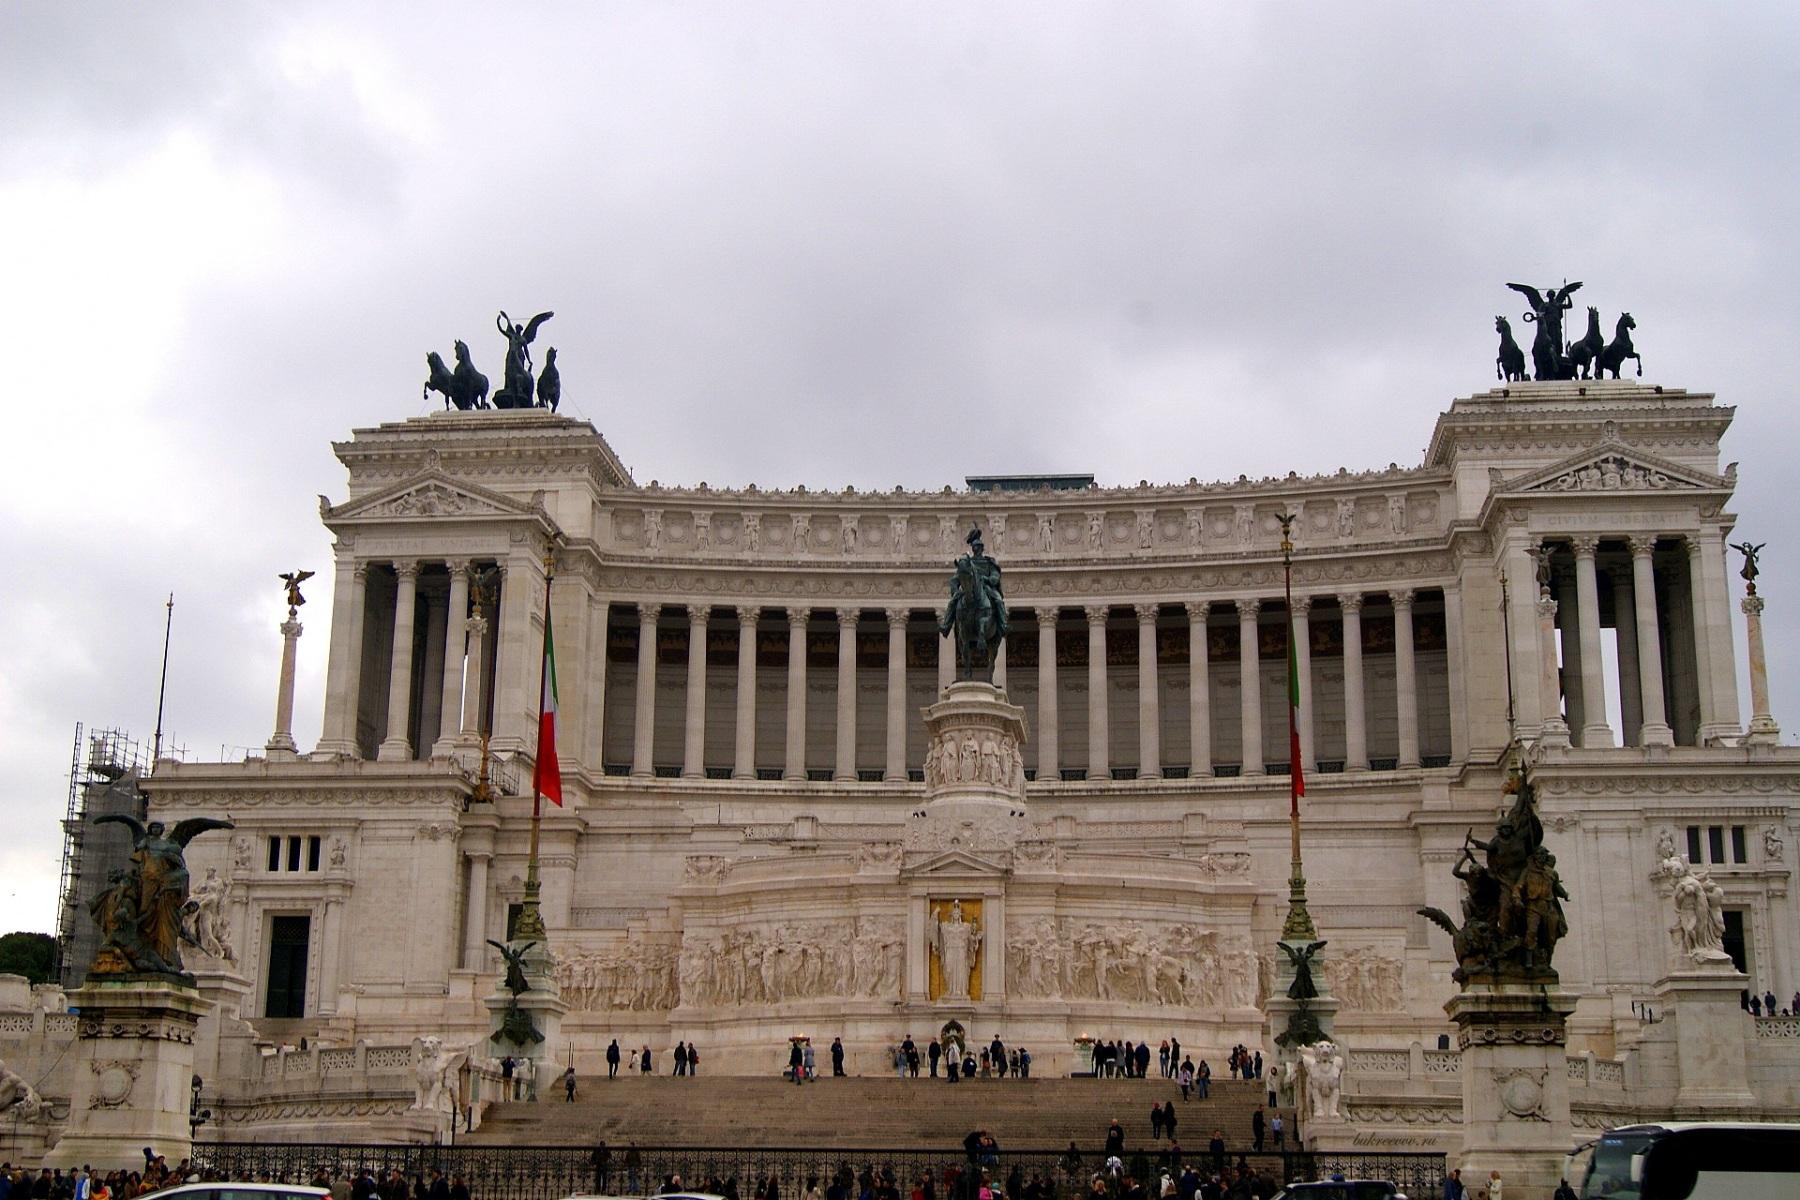 Il Monumento nazionale a Vittorio Emanuele II 26